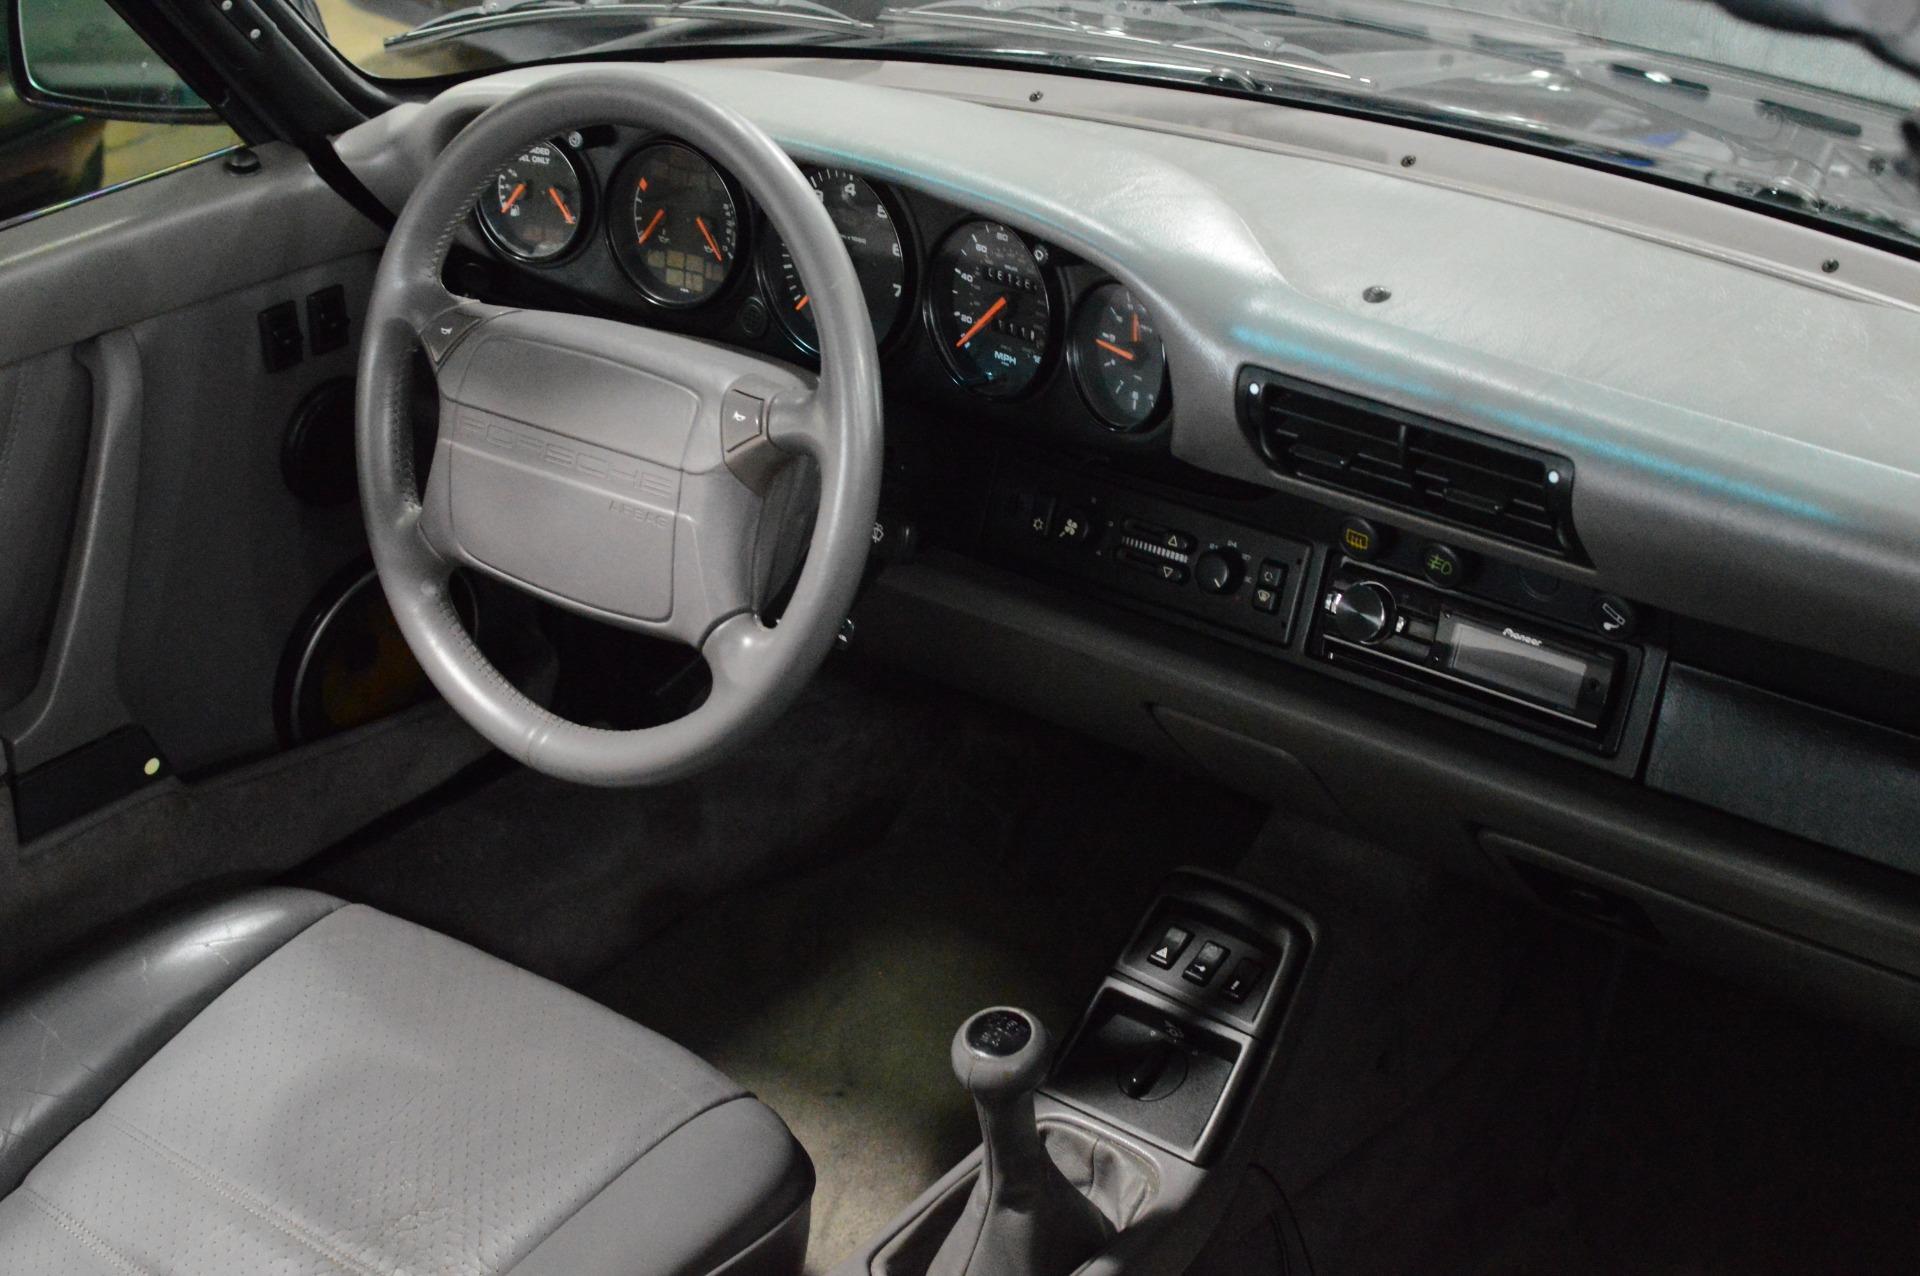 Used 1991 Porsche 964 C2 Carrera 2